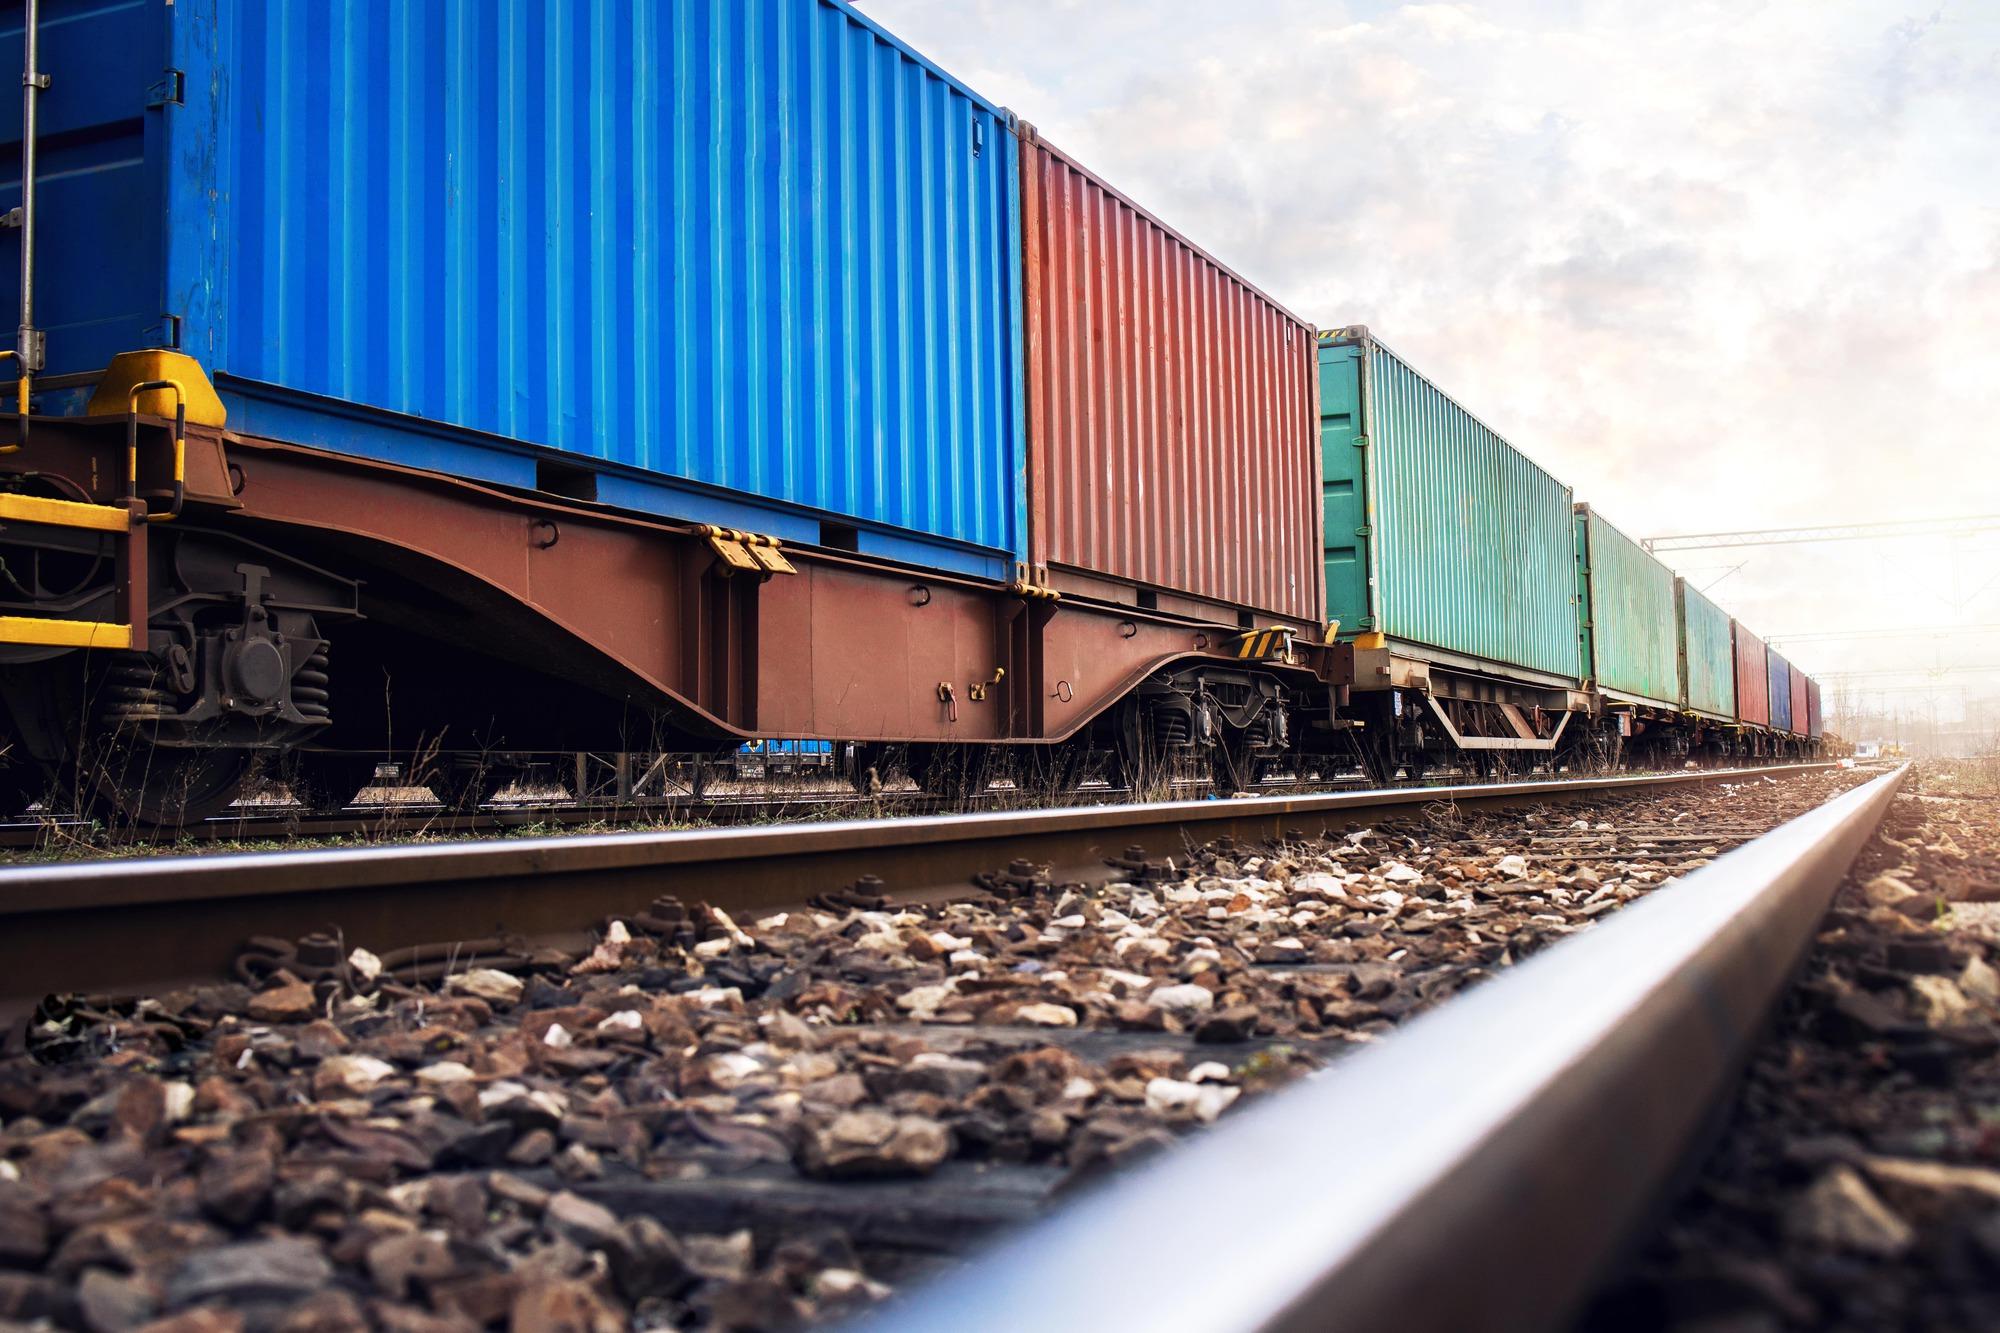 Ж / д перевозки: роль грамотной организации в безопасной доставке груза